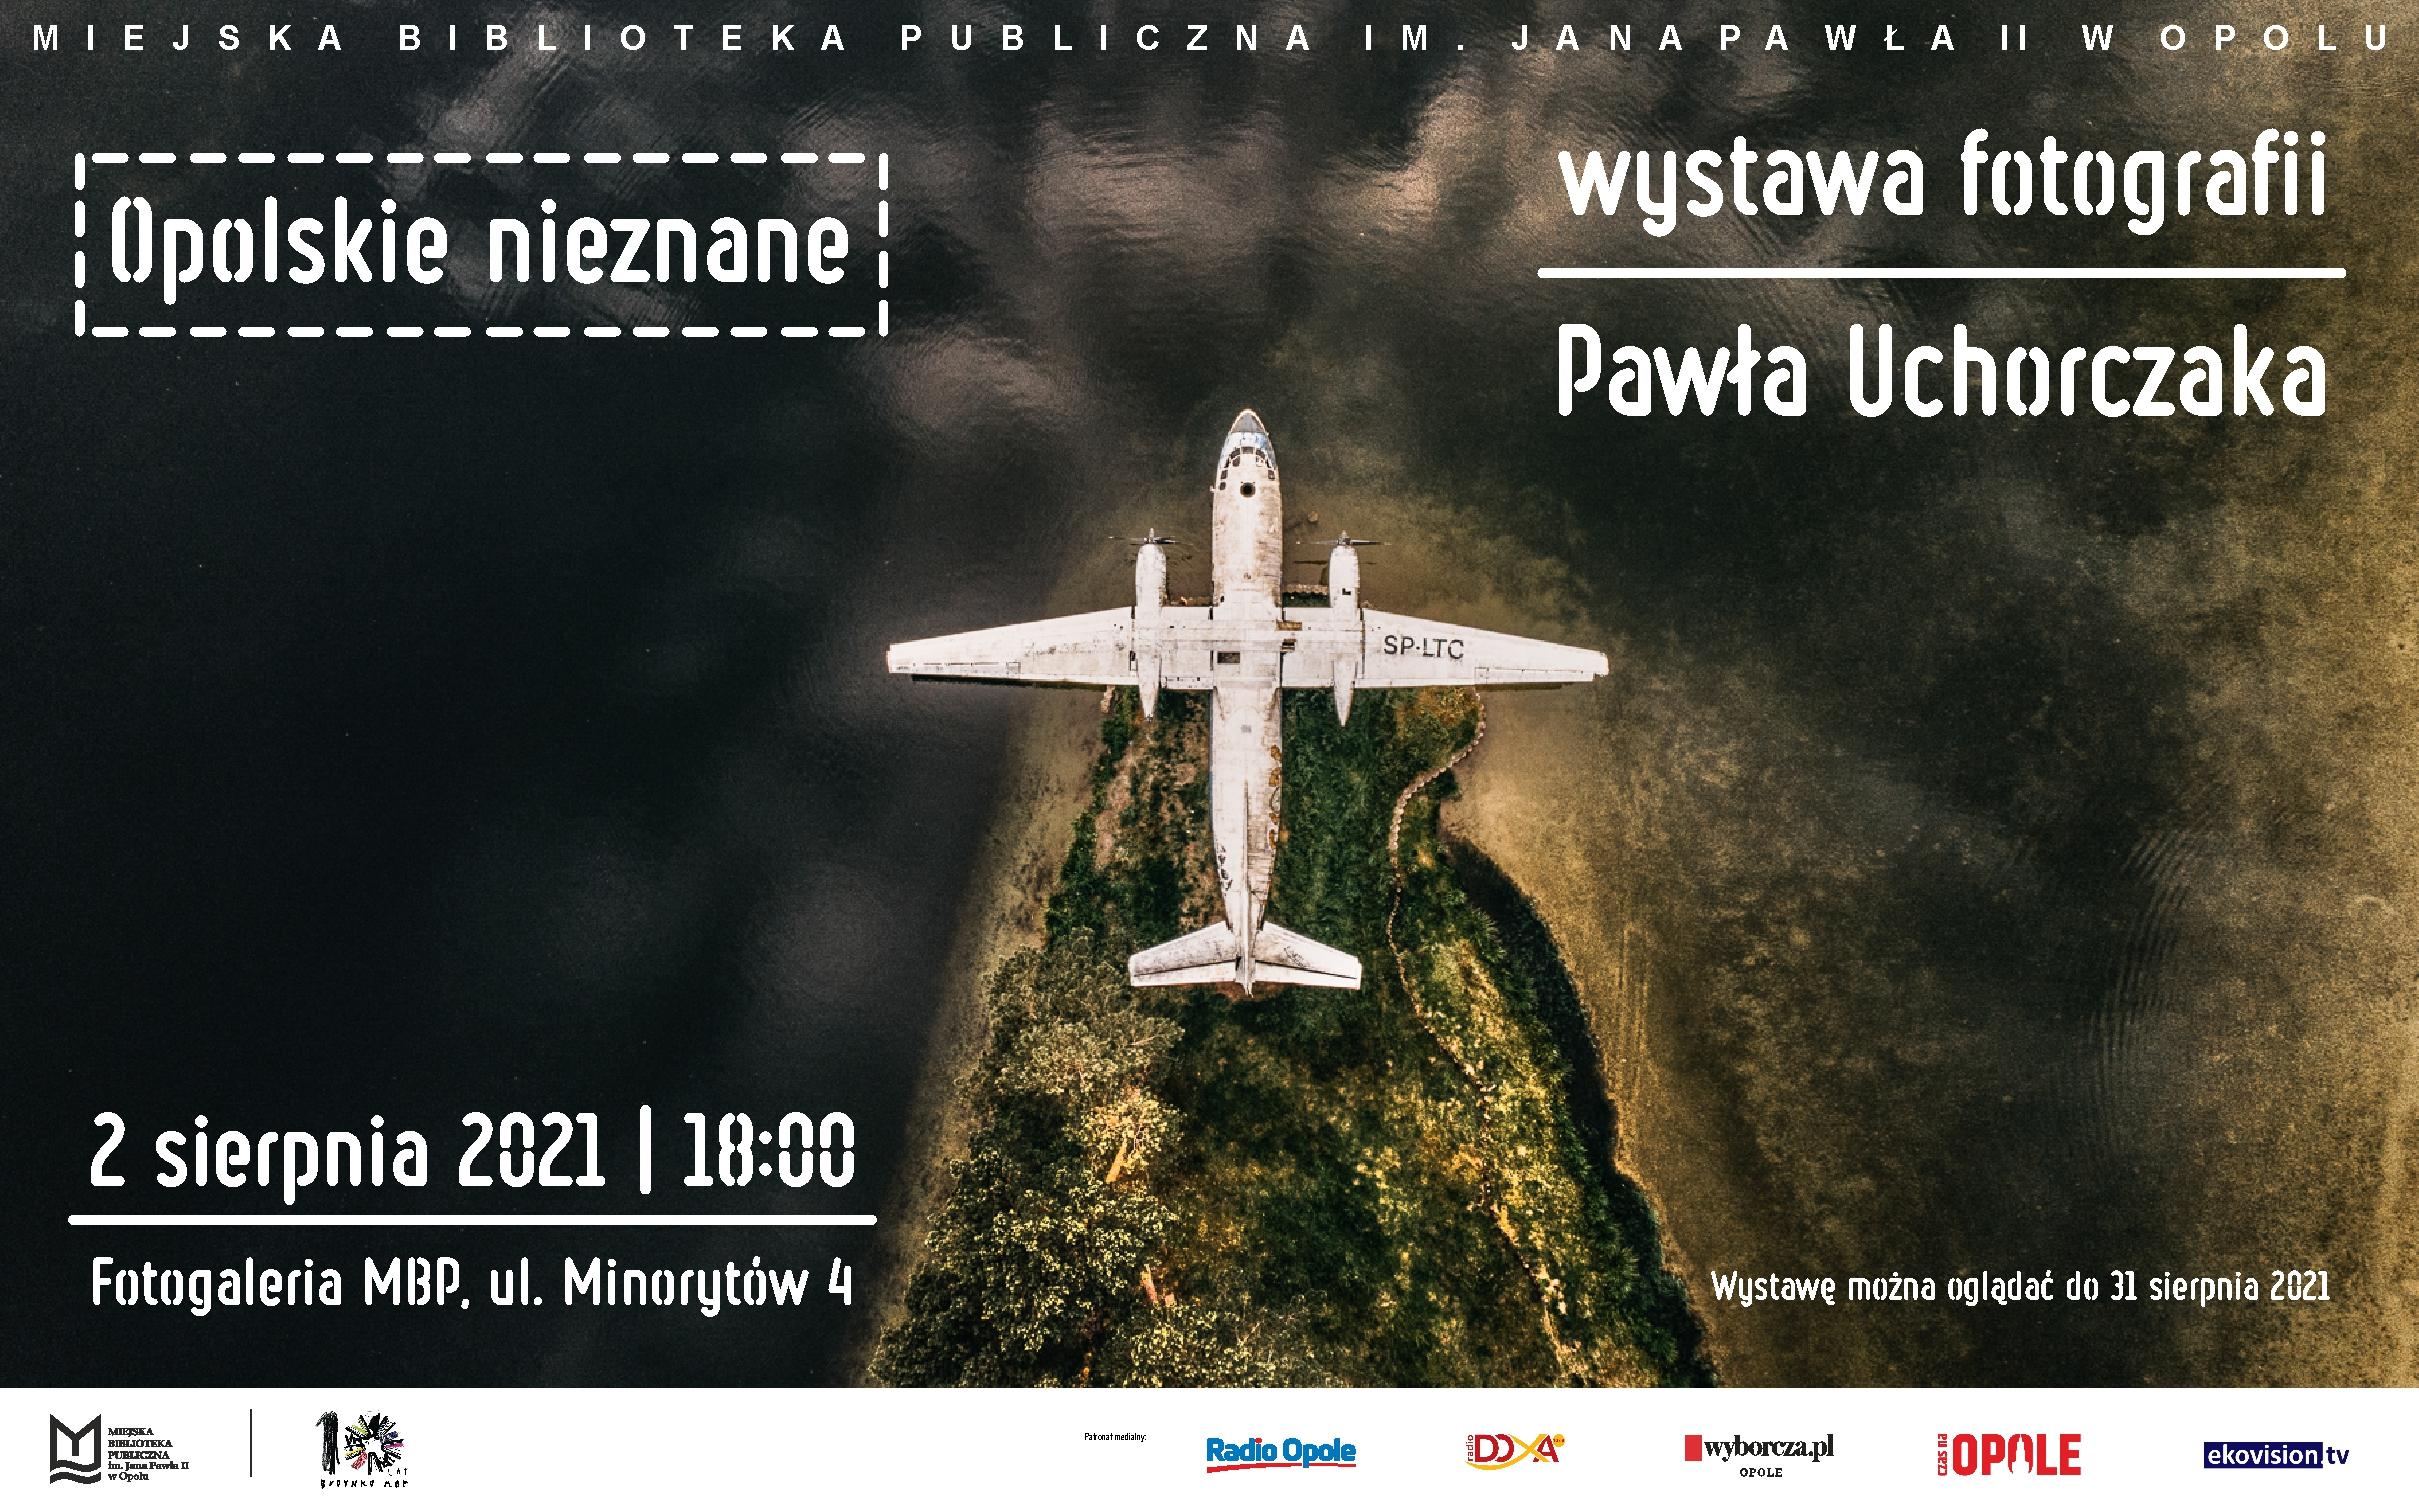 Opolskie nieznane – otwarcie wystawy fotografii Pawła Uchorczaka